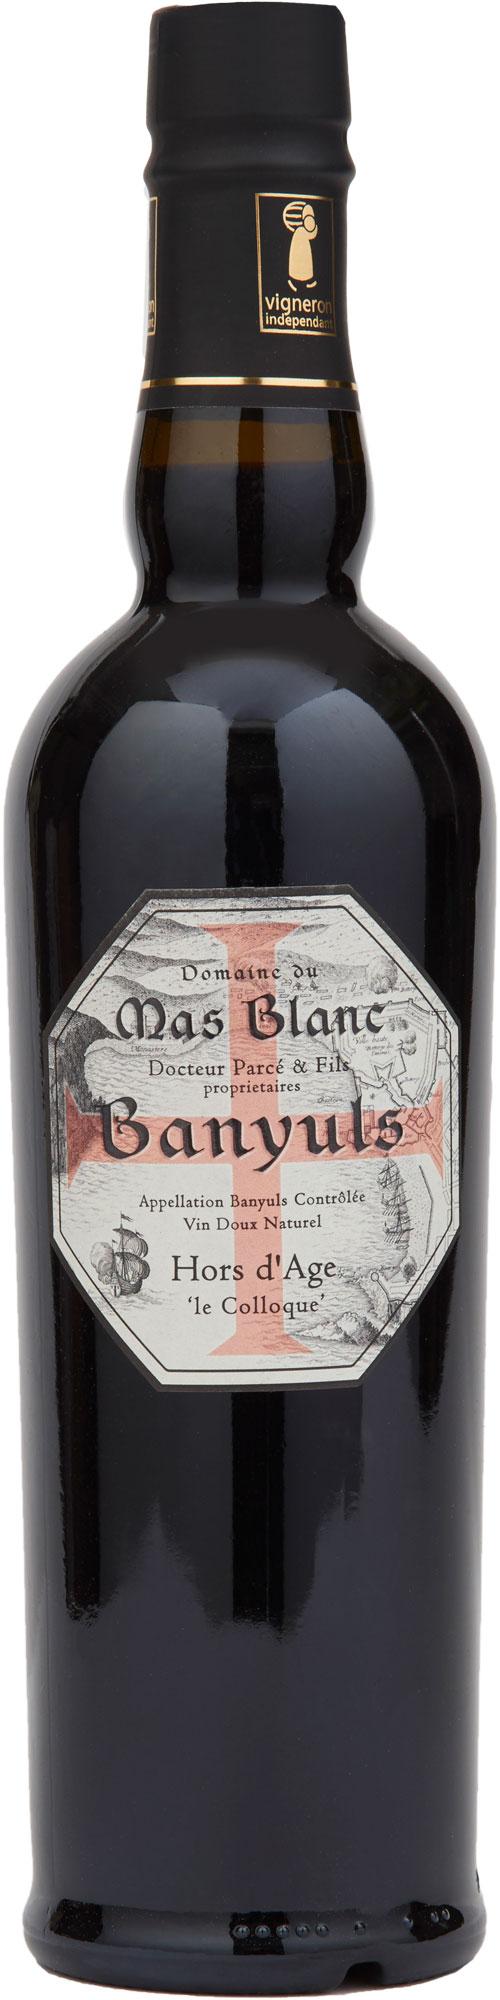 Domaine du Mas Blanc Banyuls 'Le Colloque'